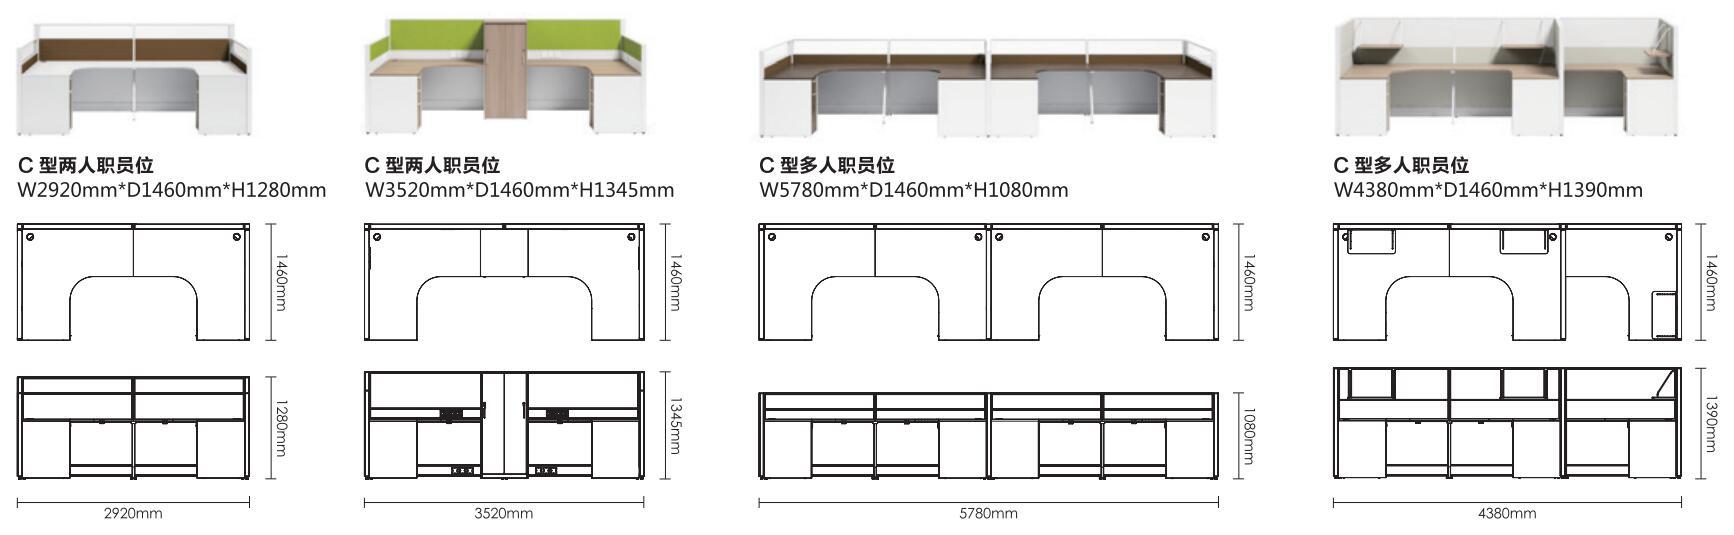 C型屏风职员工位尺寸图